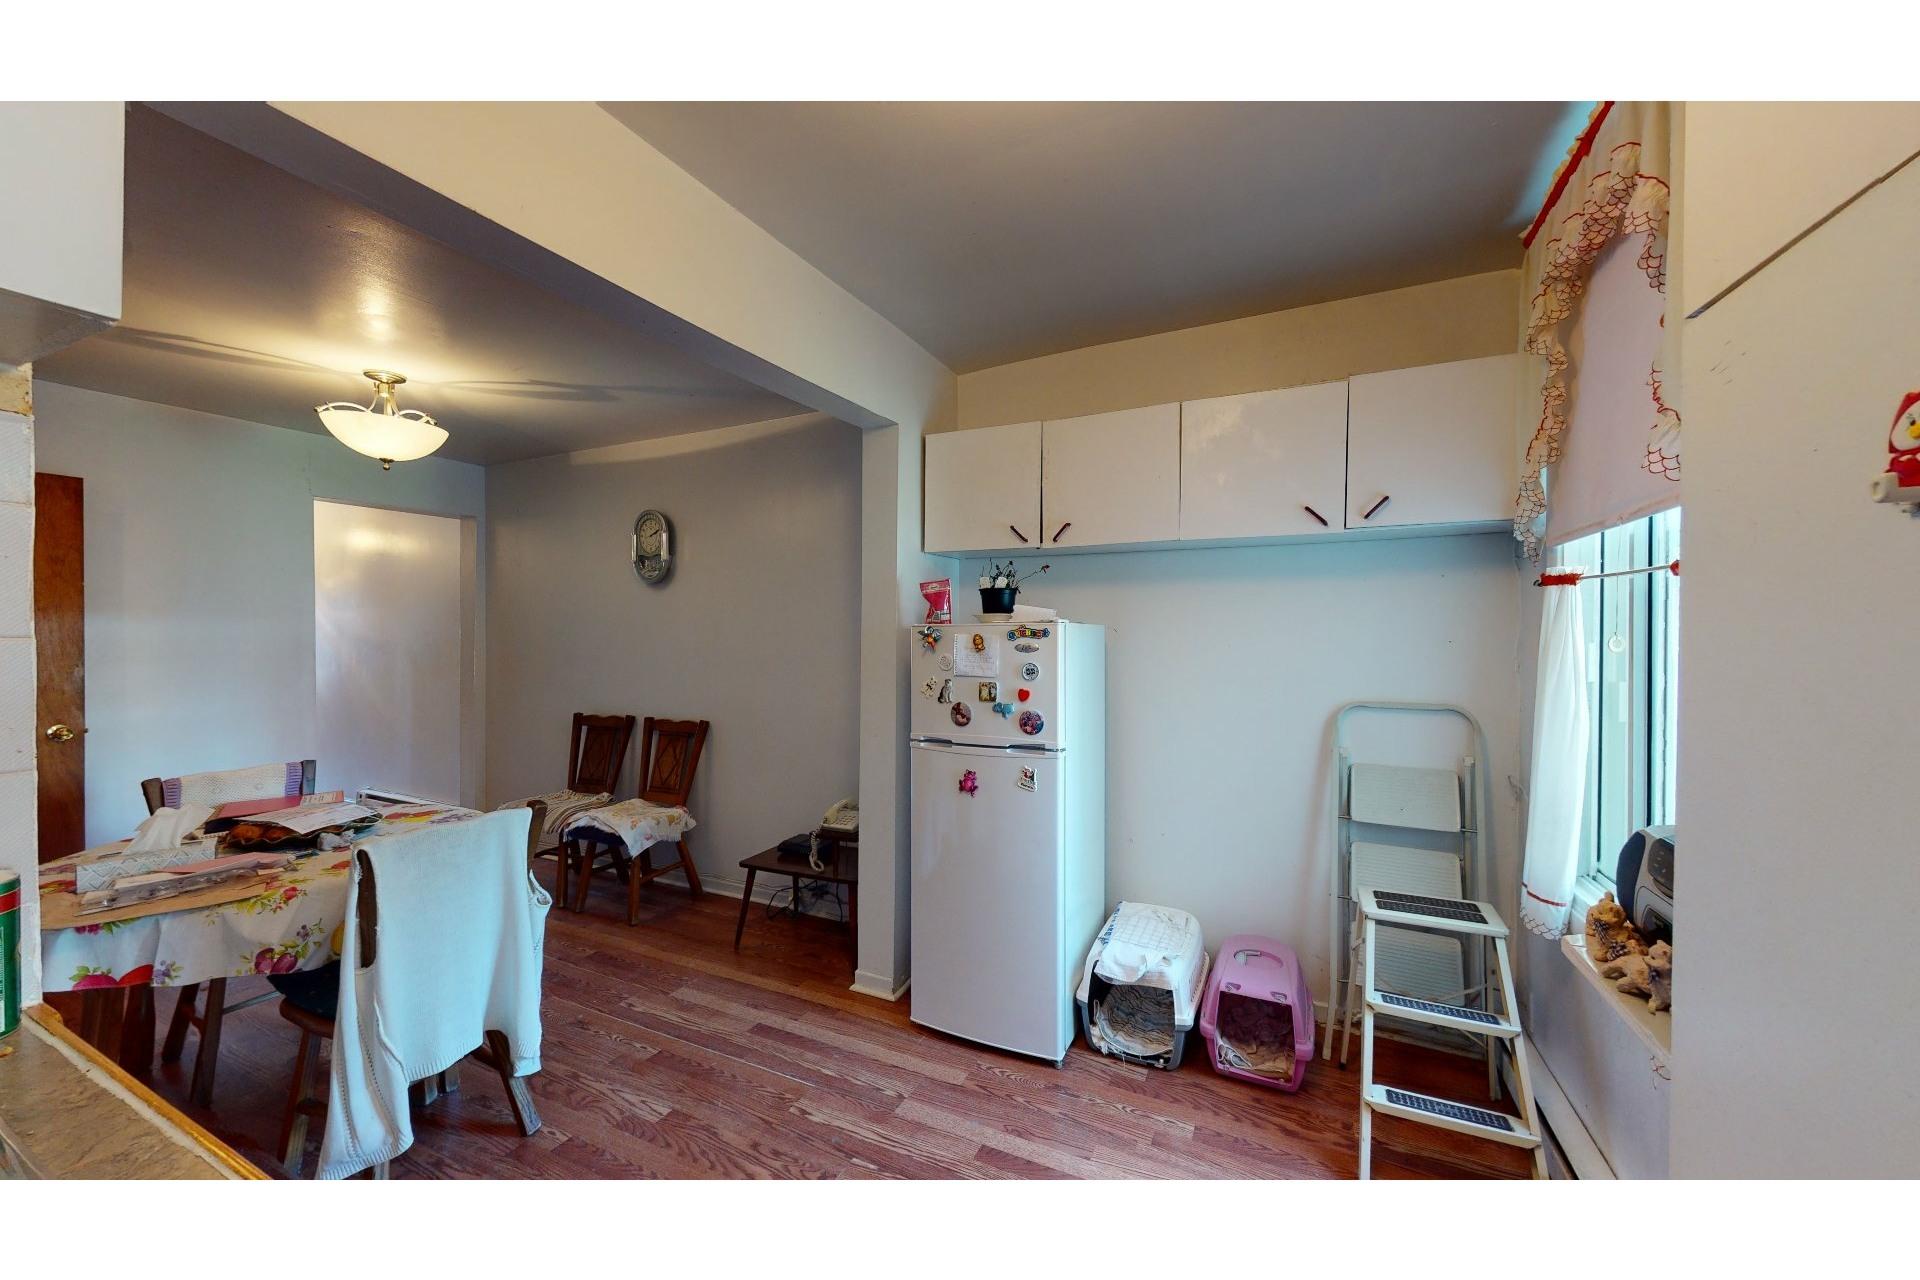 image 13 - Duplex À vendre Rosemont/La Petite-Patrie Montréal  - 7 pièces